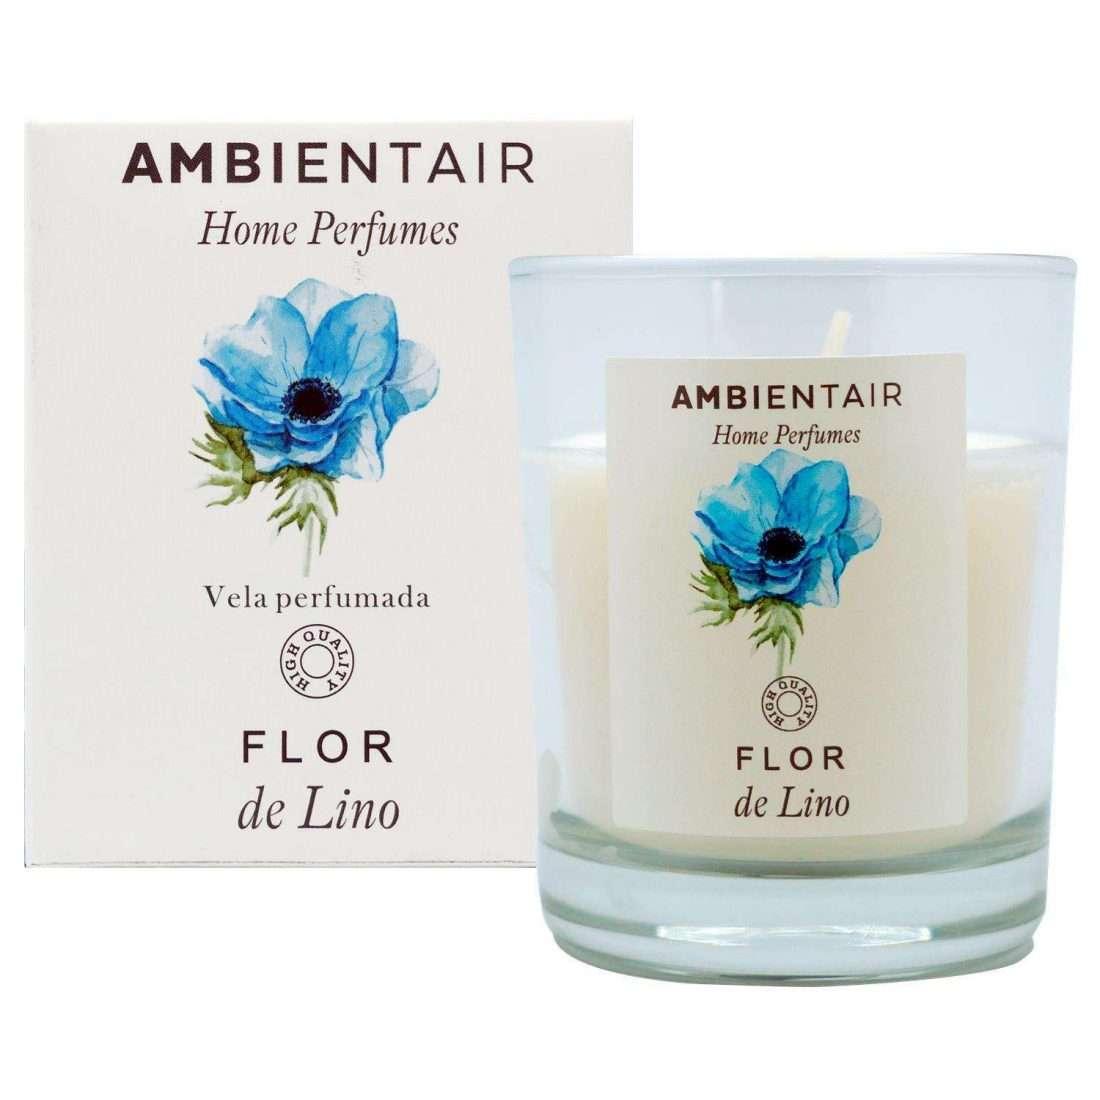 8435474410710 Vela 30 H Home Perfume Al Estuche Y Vaso 2